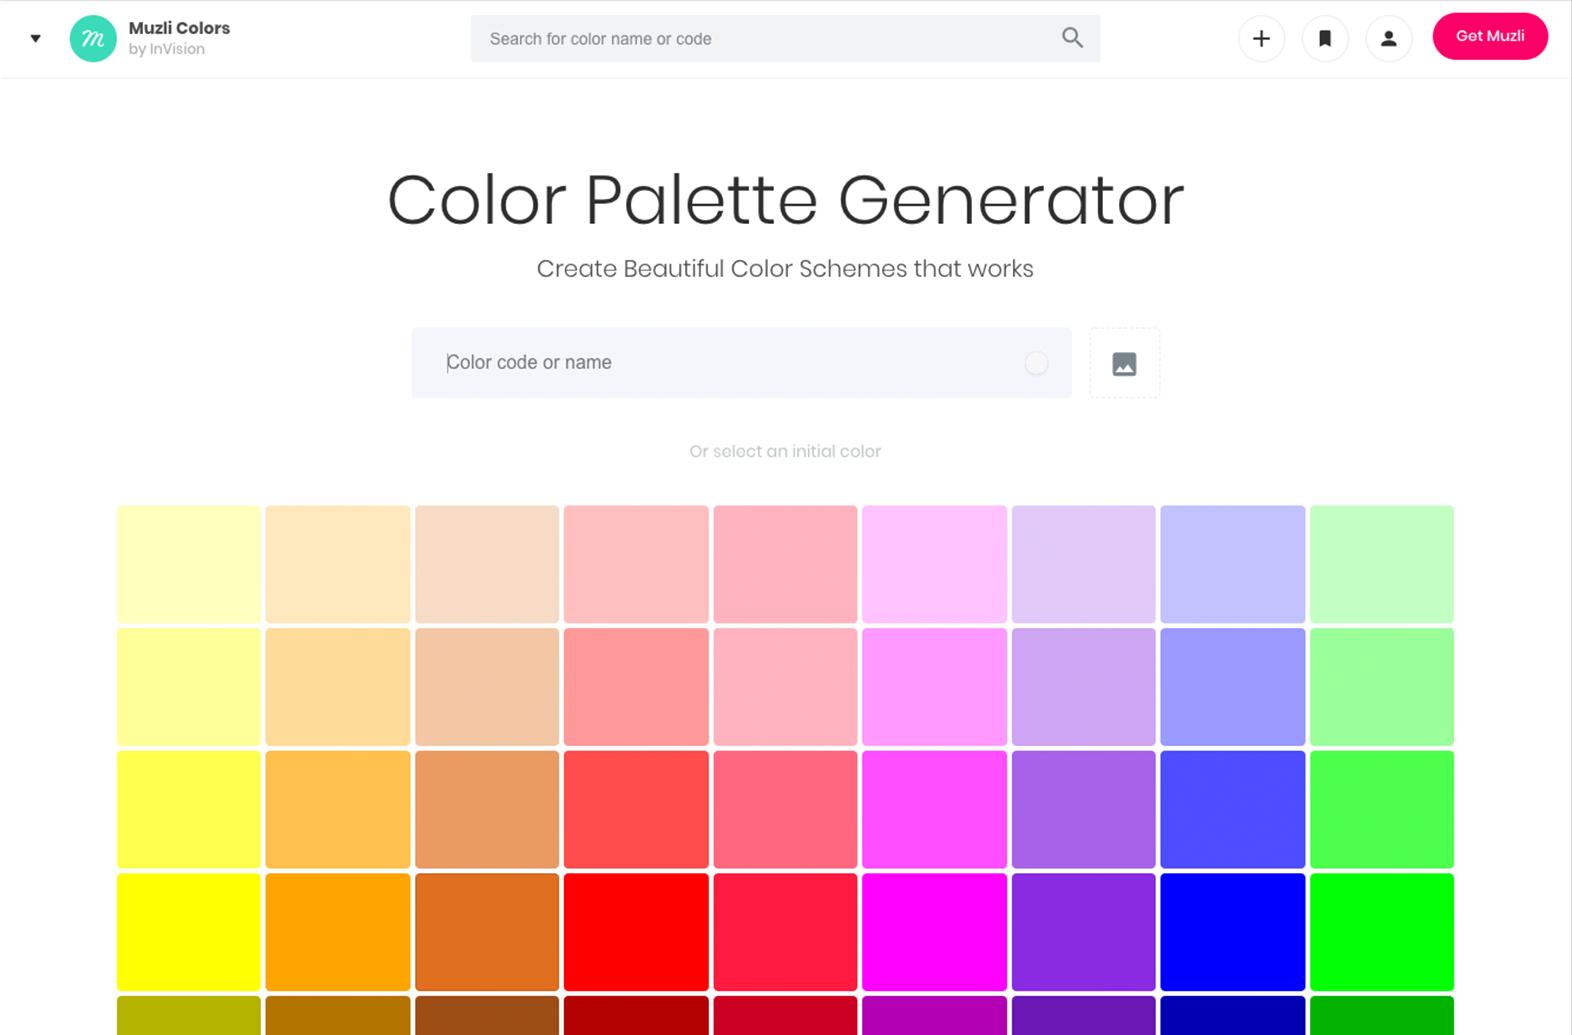 muzli color palette generator